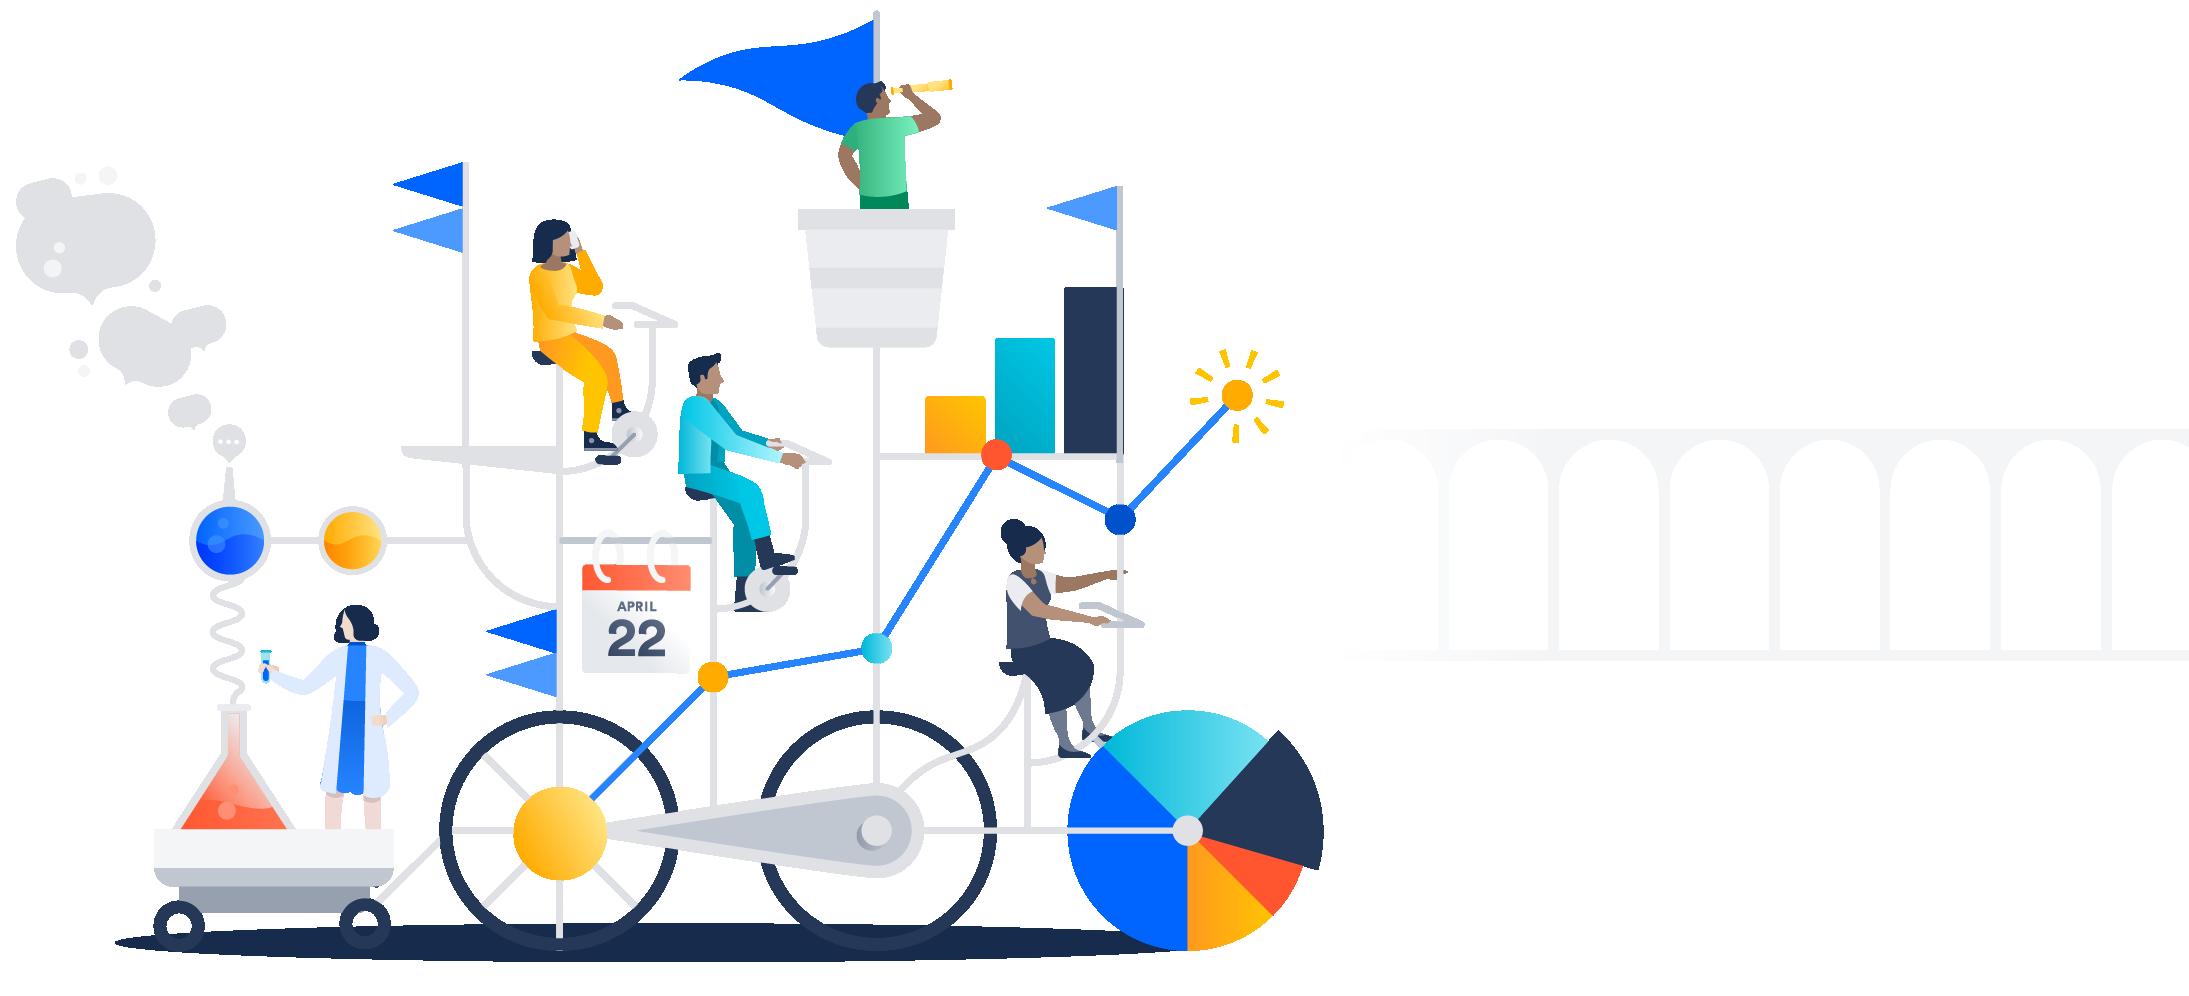 Illustrazione di più persone su una bicicletta con più sedili